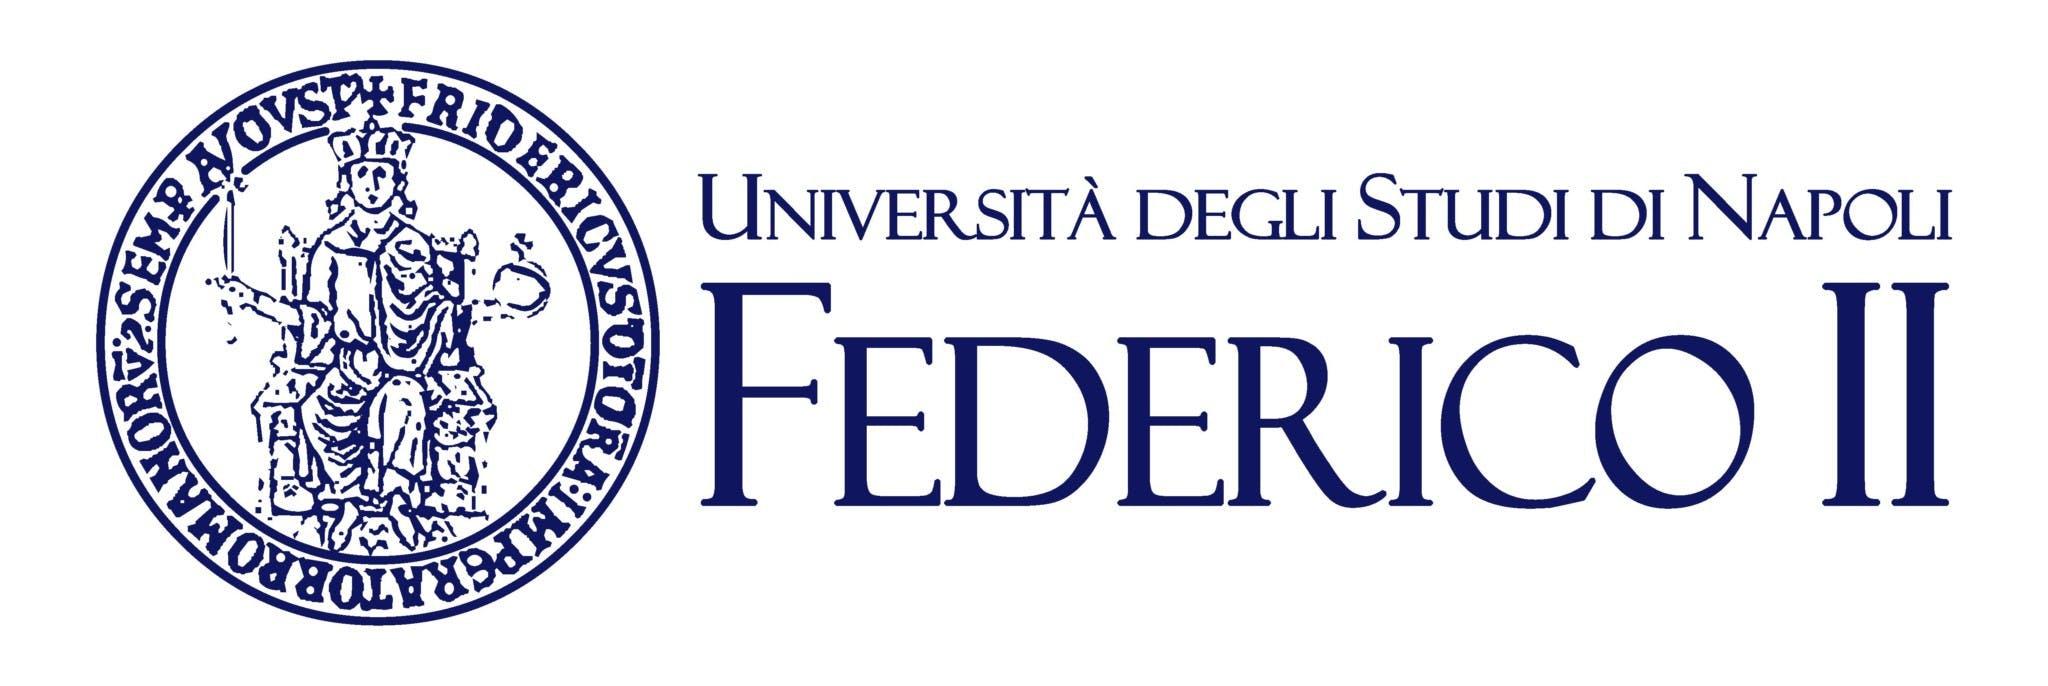 University of Naples Federico II - Naples - Italy